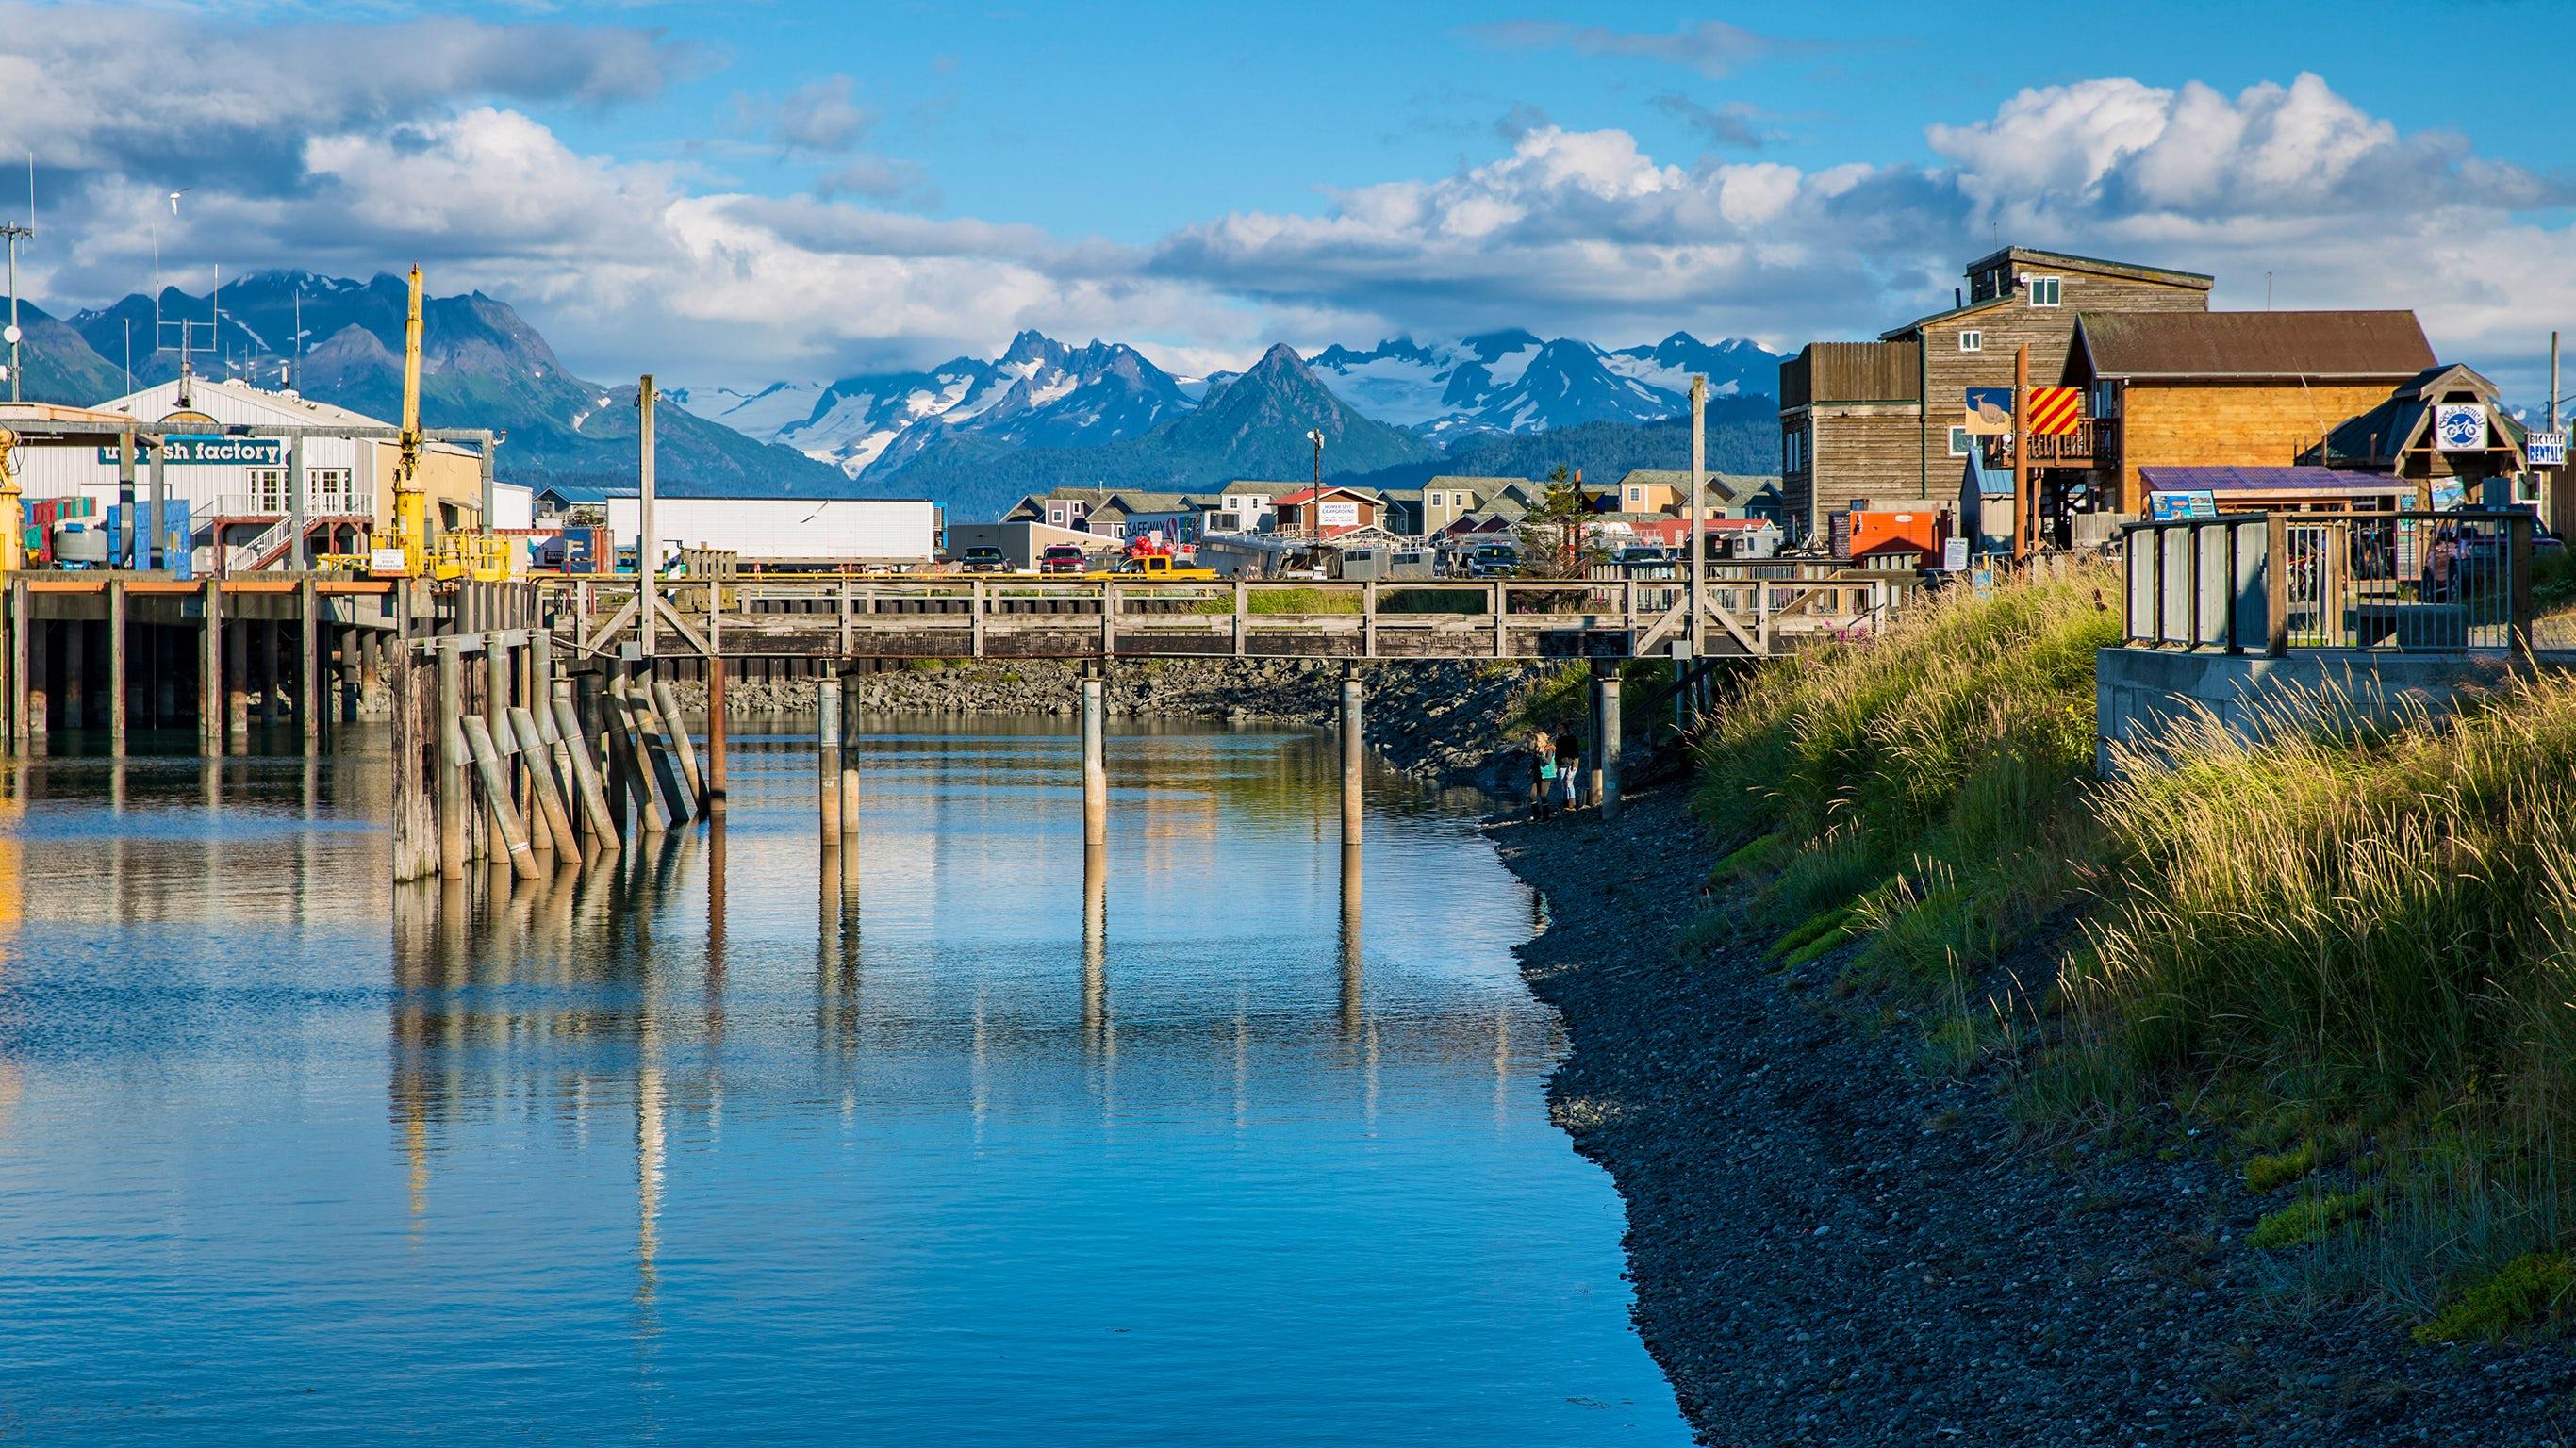 Camping Alaska's Kenai Peninsula